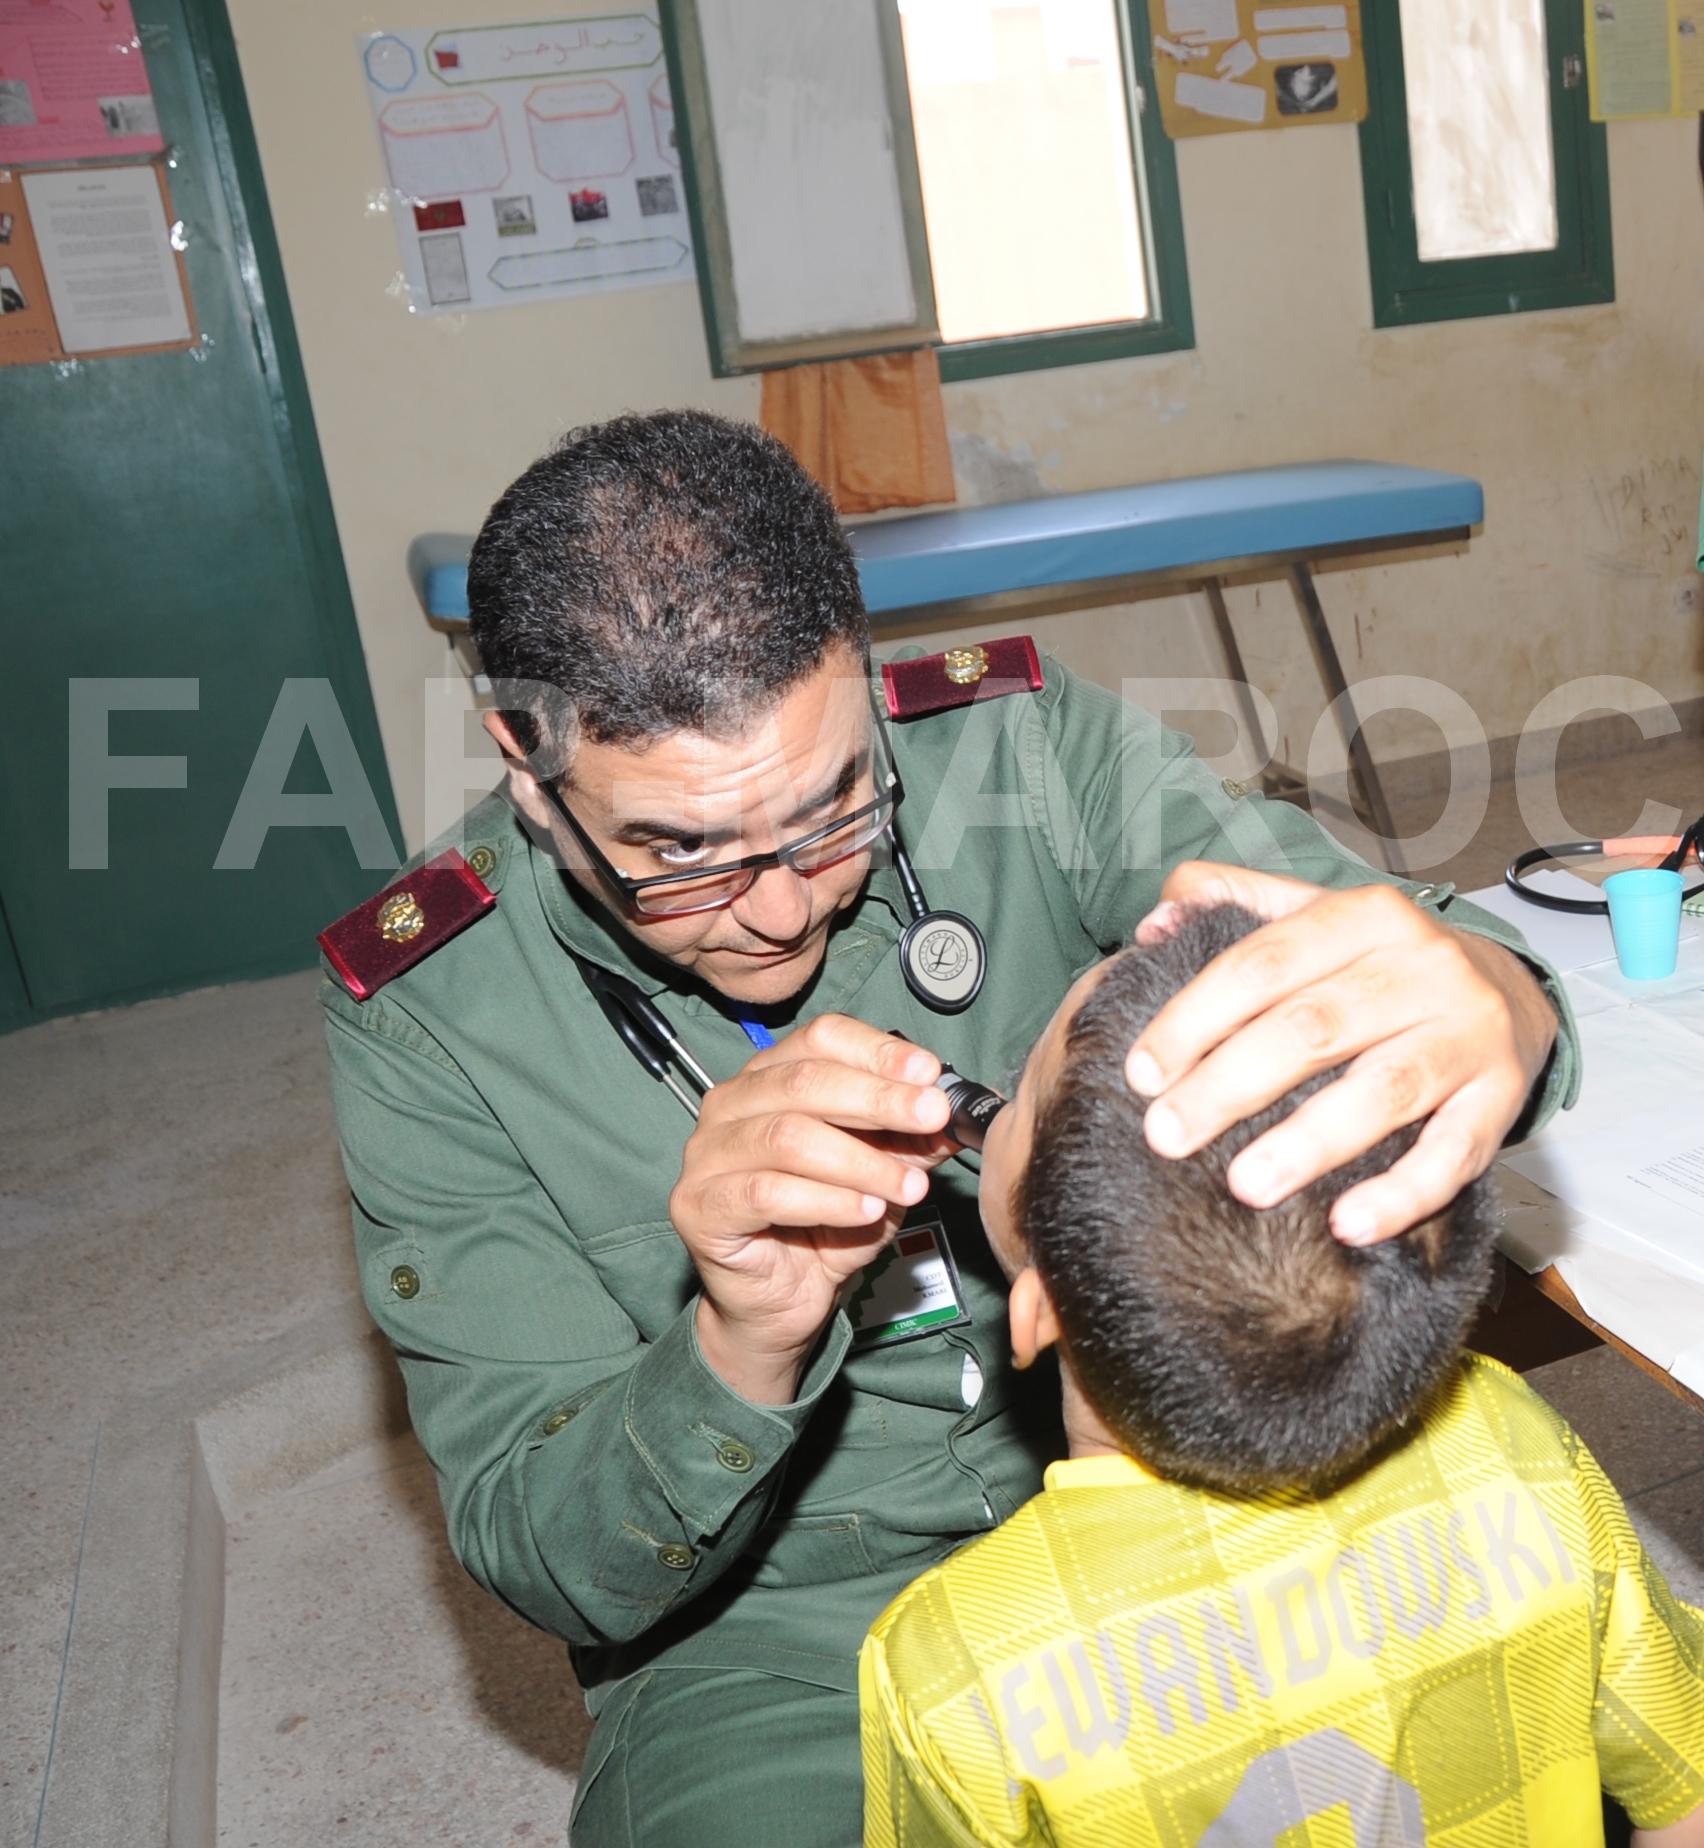 Les Opérations Humanitaires menées par nos Glorieuses Forces Armées Royales 40664437213_e3c0f9a929_o